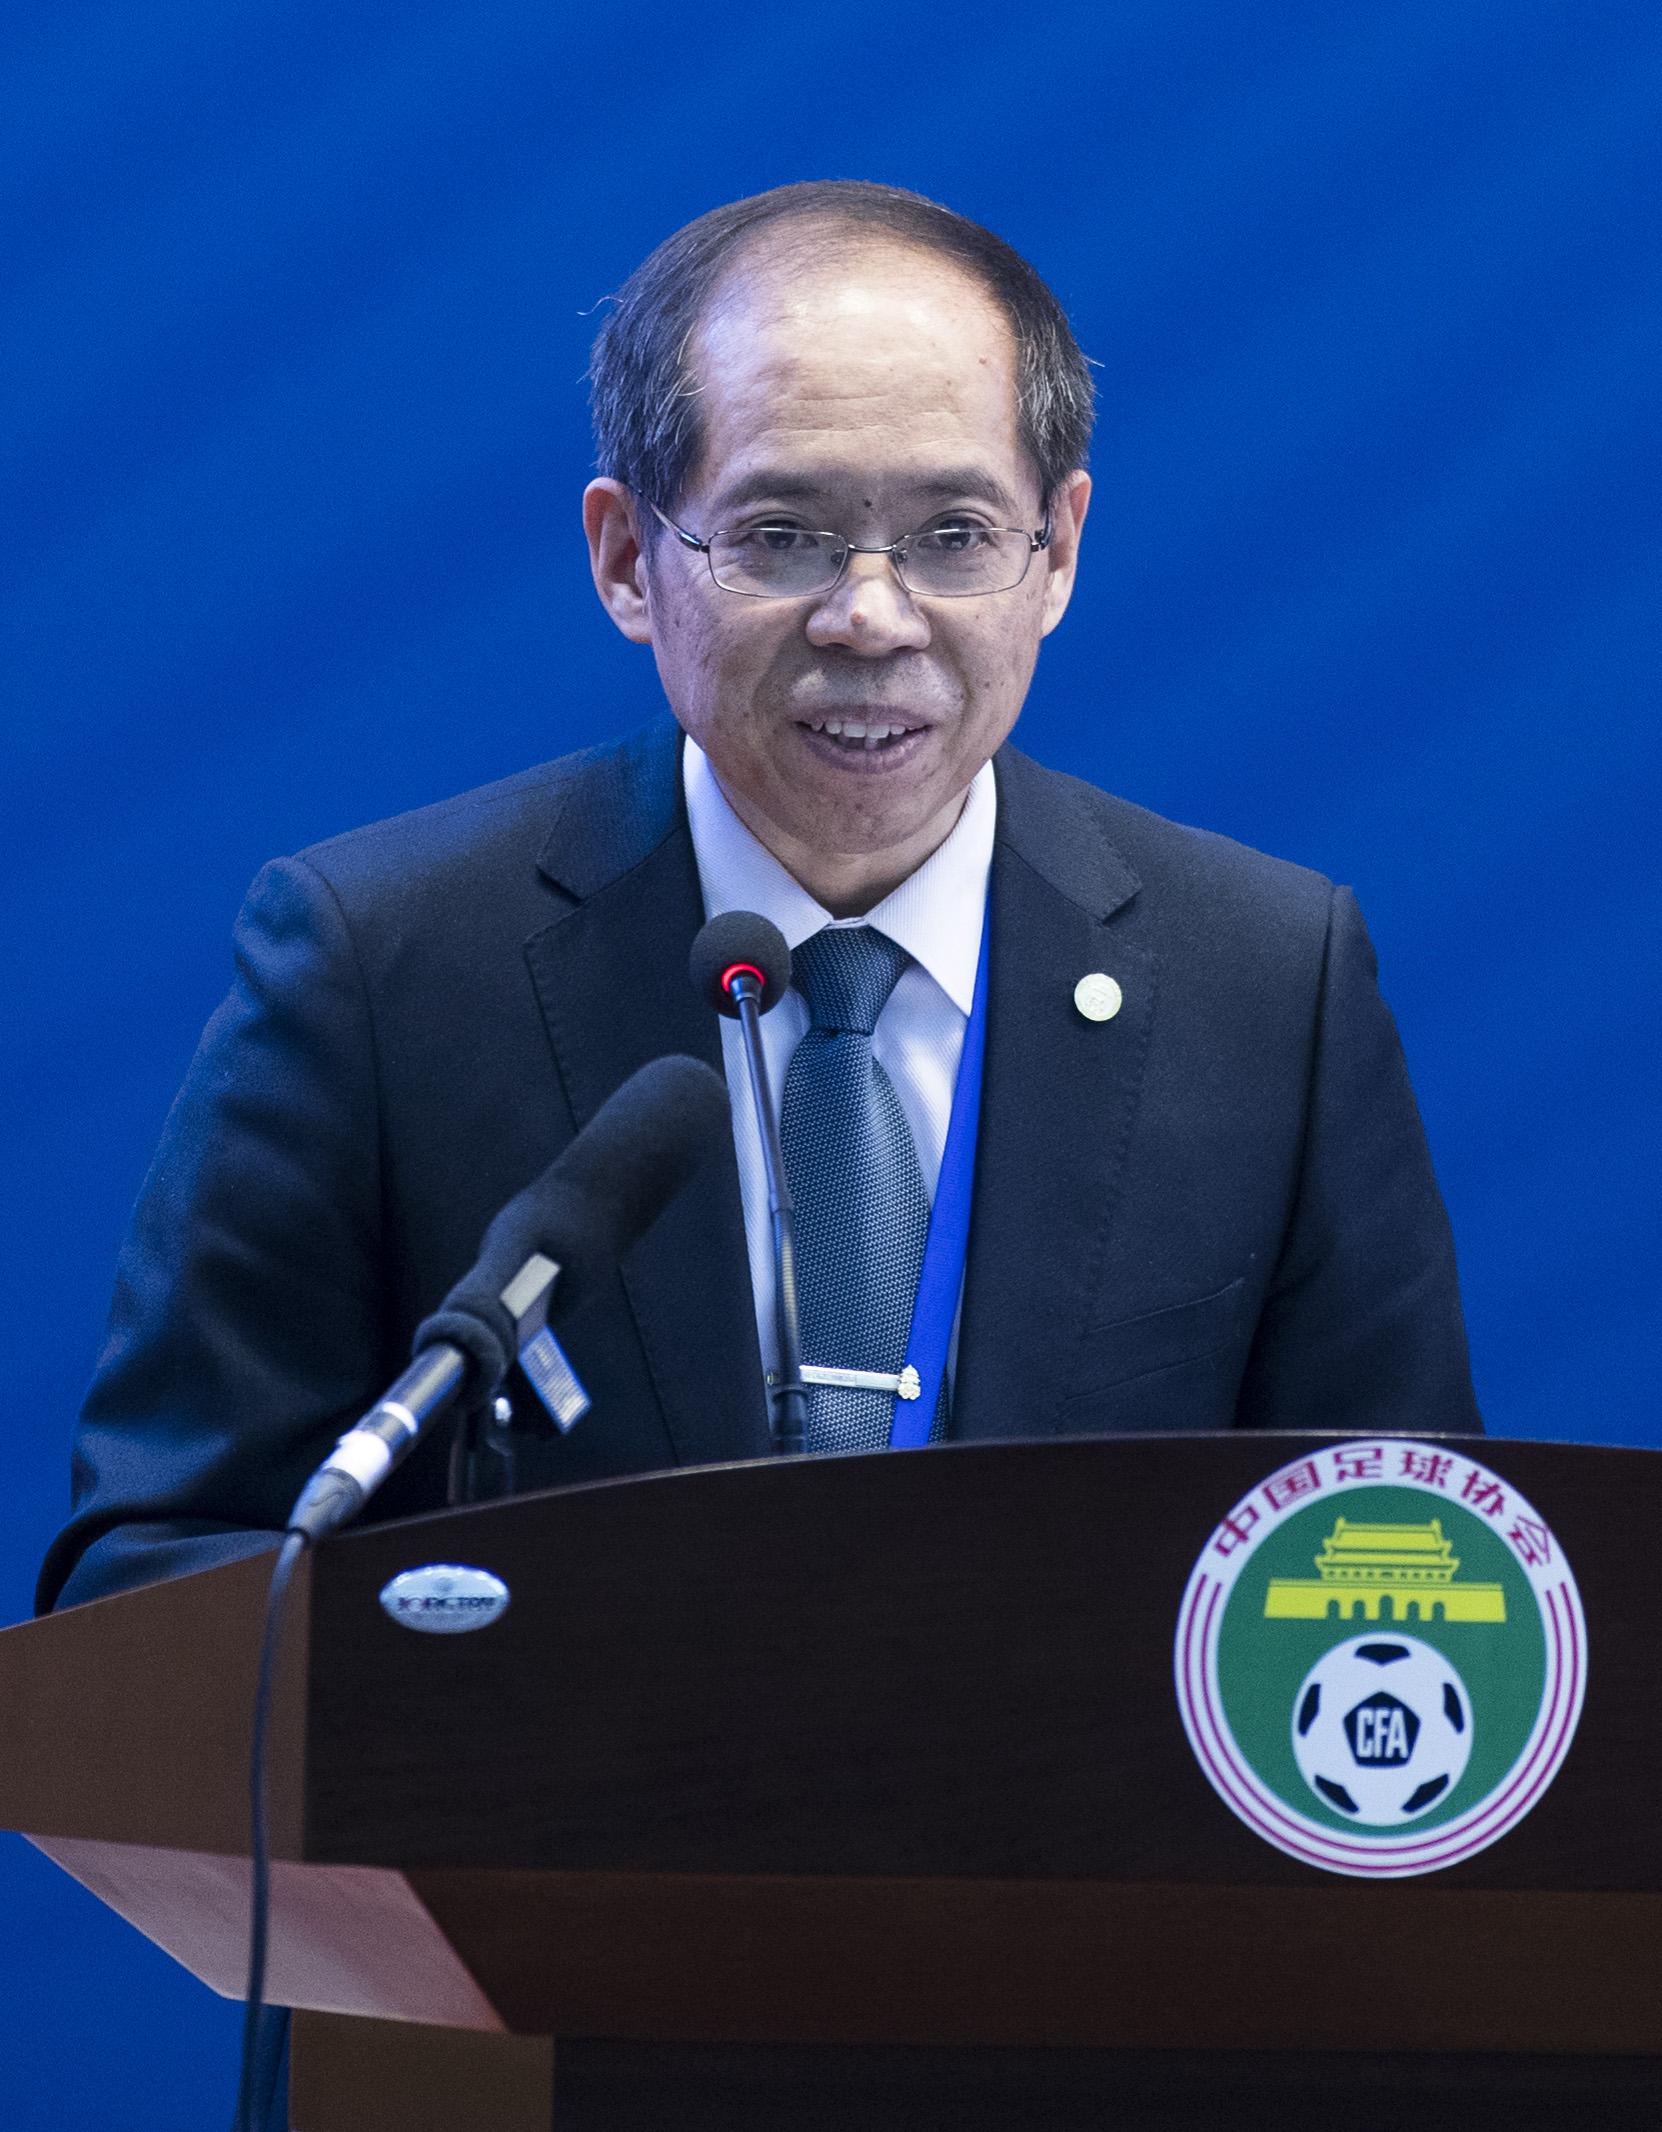 中国足协常务副主席张剑在会议上。新华社记者肖艺九摄